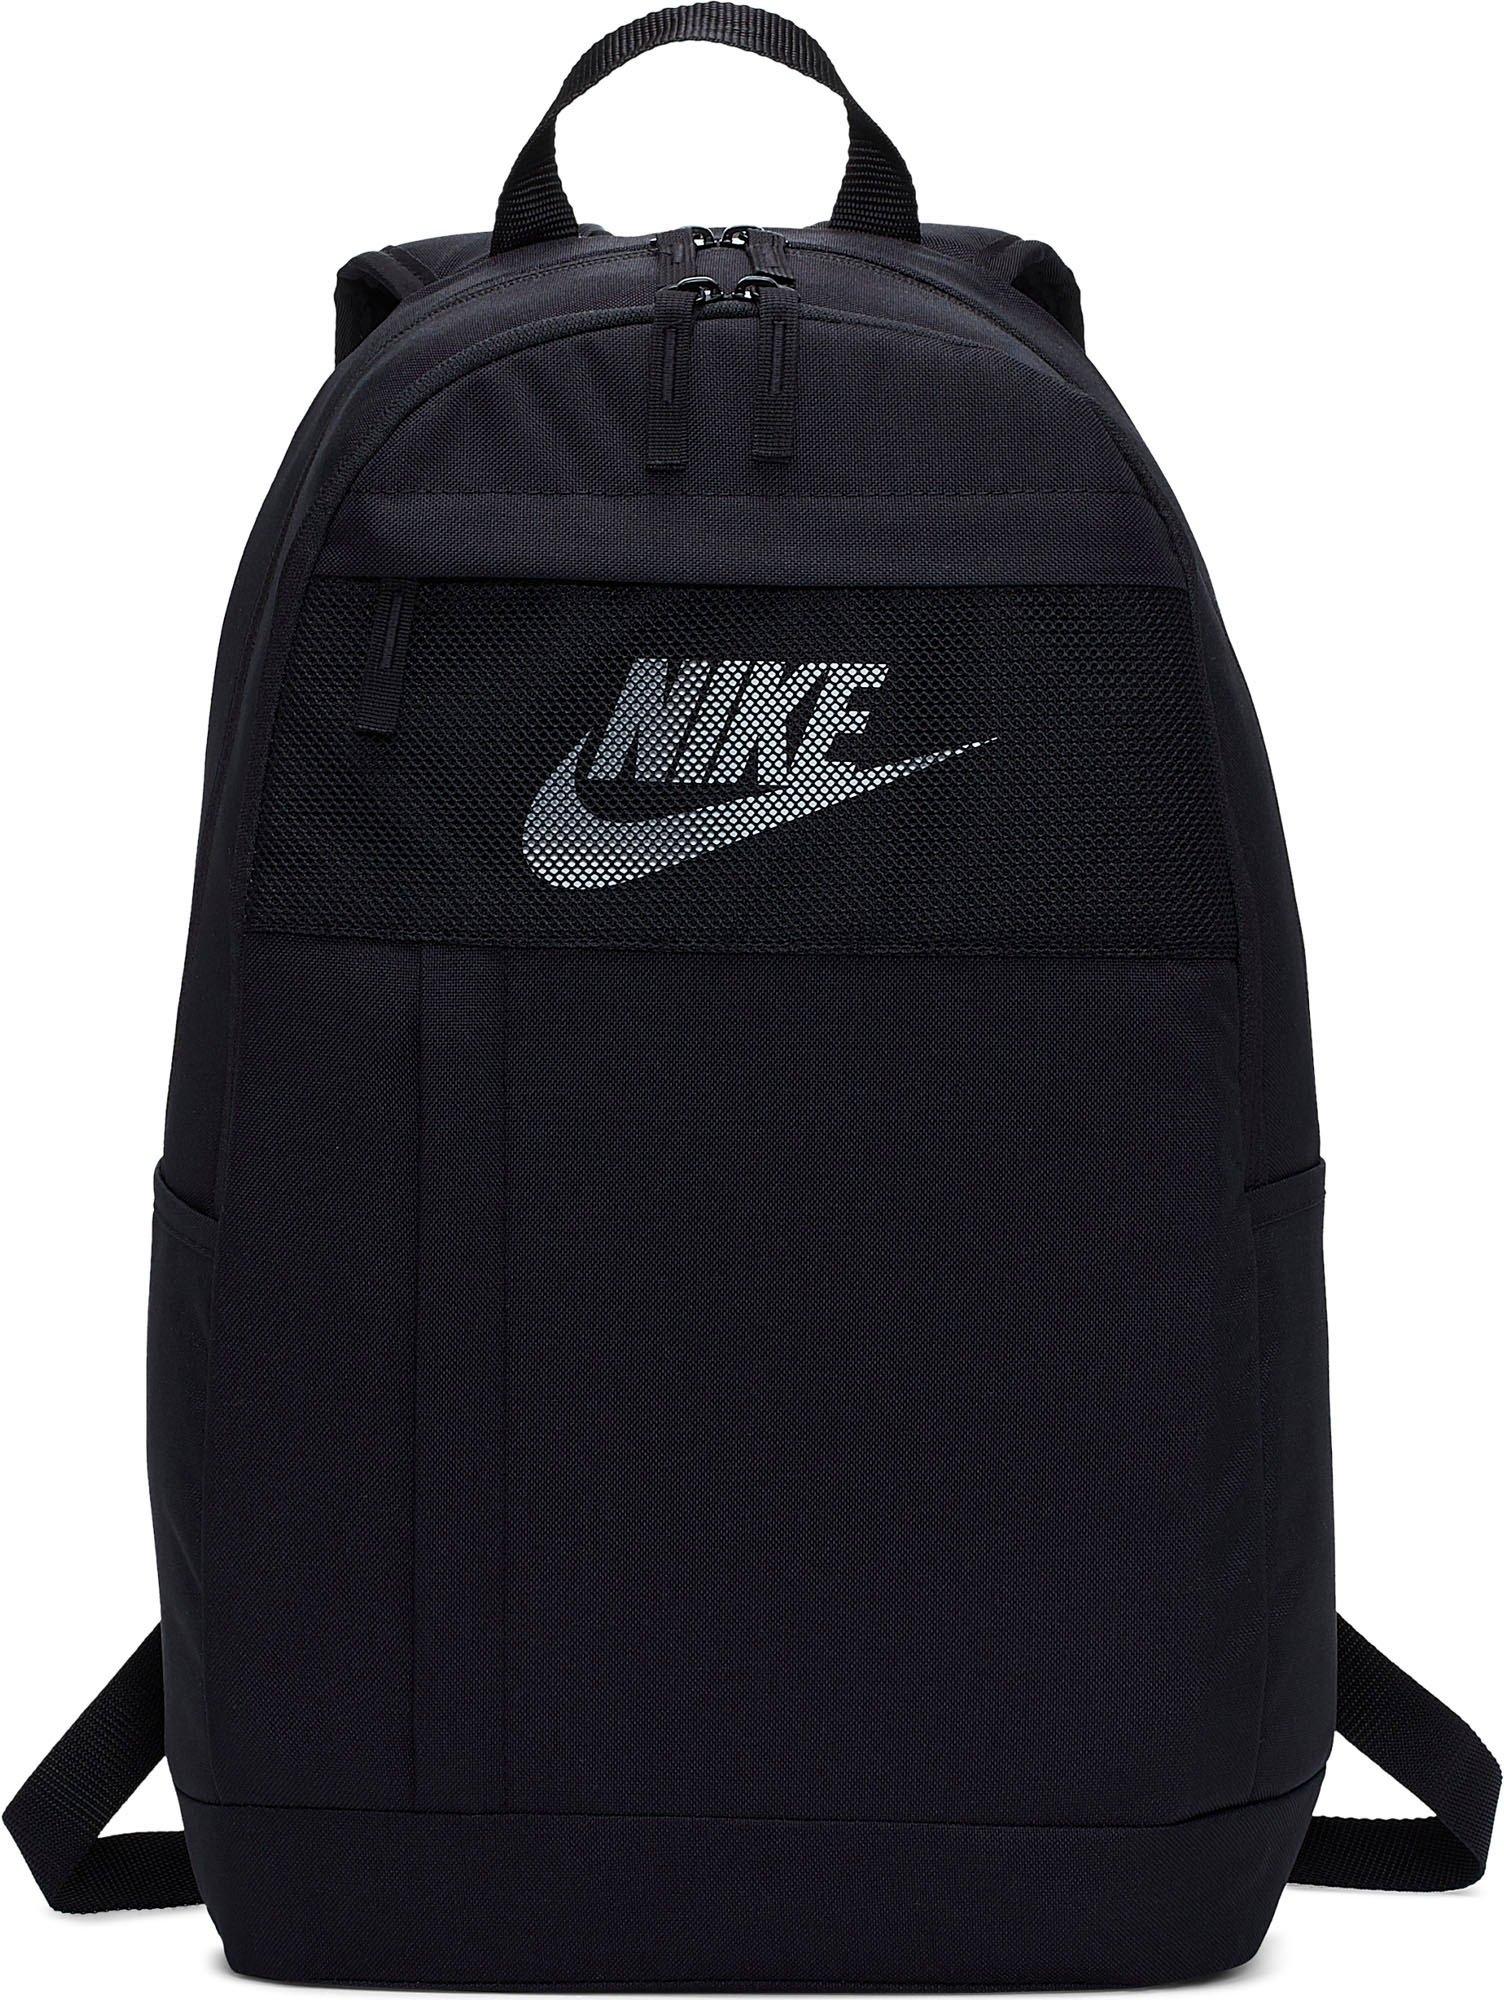 Nike Sportswear sportrugzak Elemental 2.0 Backpack - gratis ruilen op otto.nl